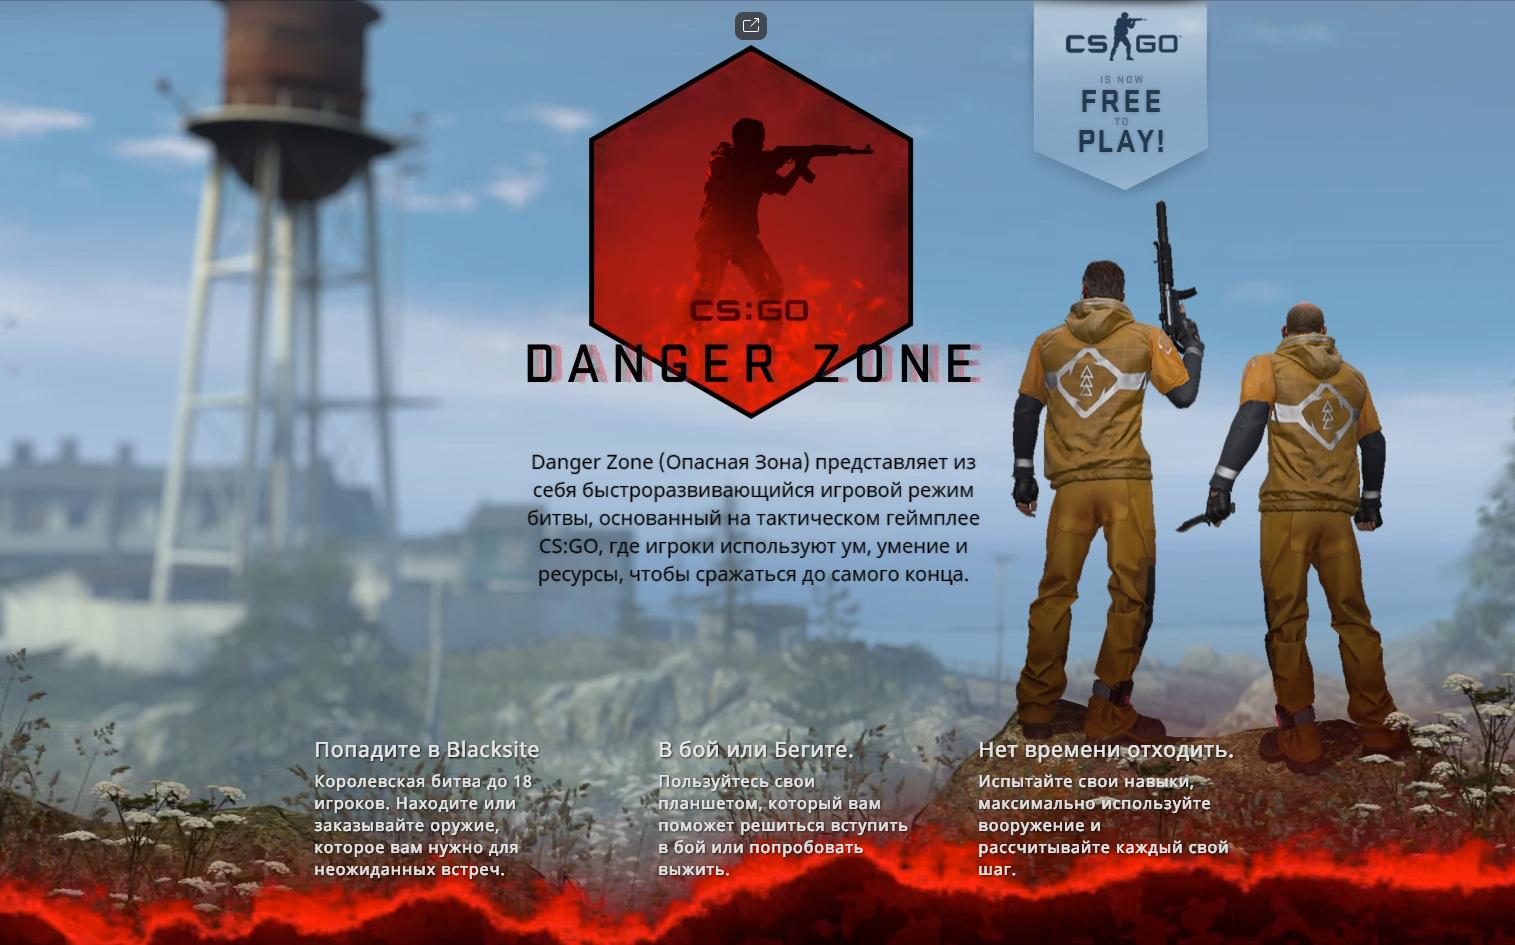 Danger Zone (Опасная Зона) - новый батл рояль в бесплатной CS:GO